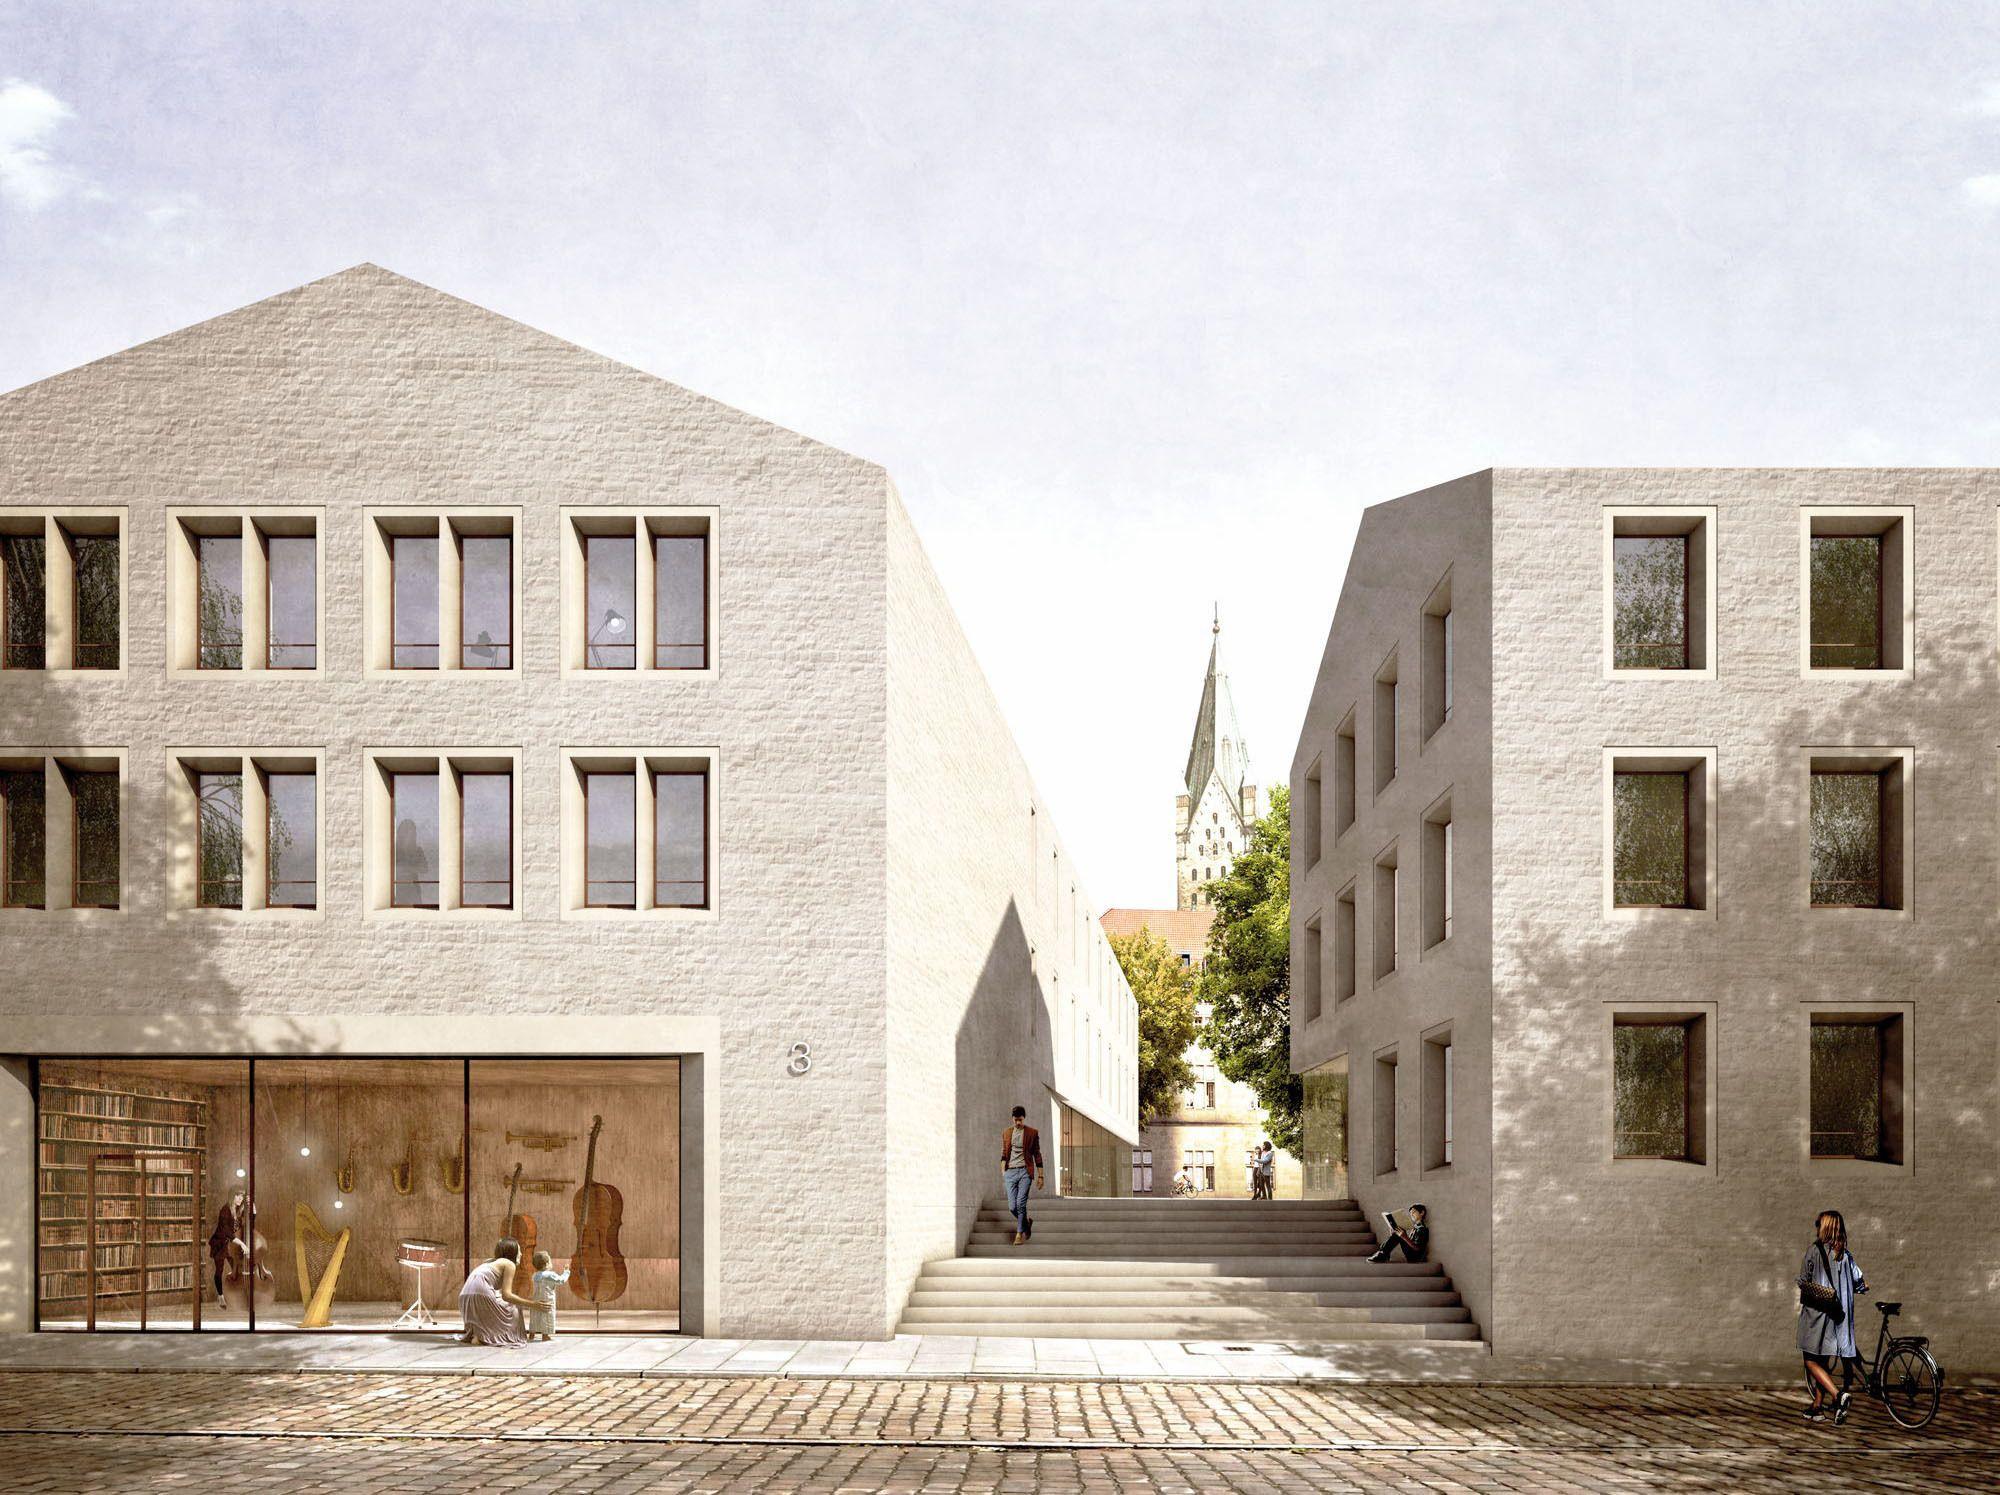 Architekt Paderborn domblick staab architekten gewinnen in paderborn architecture